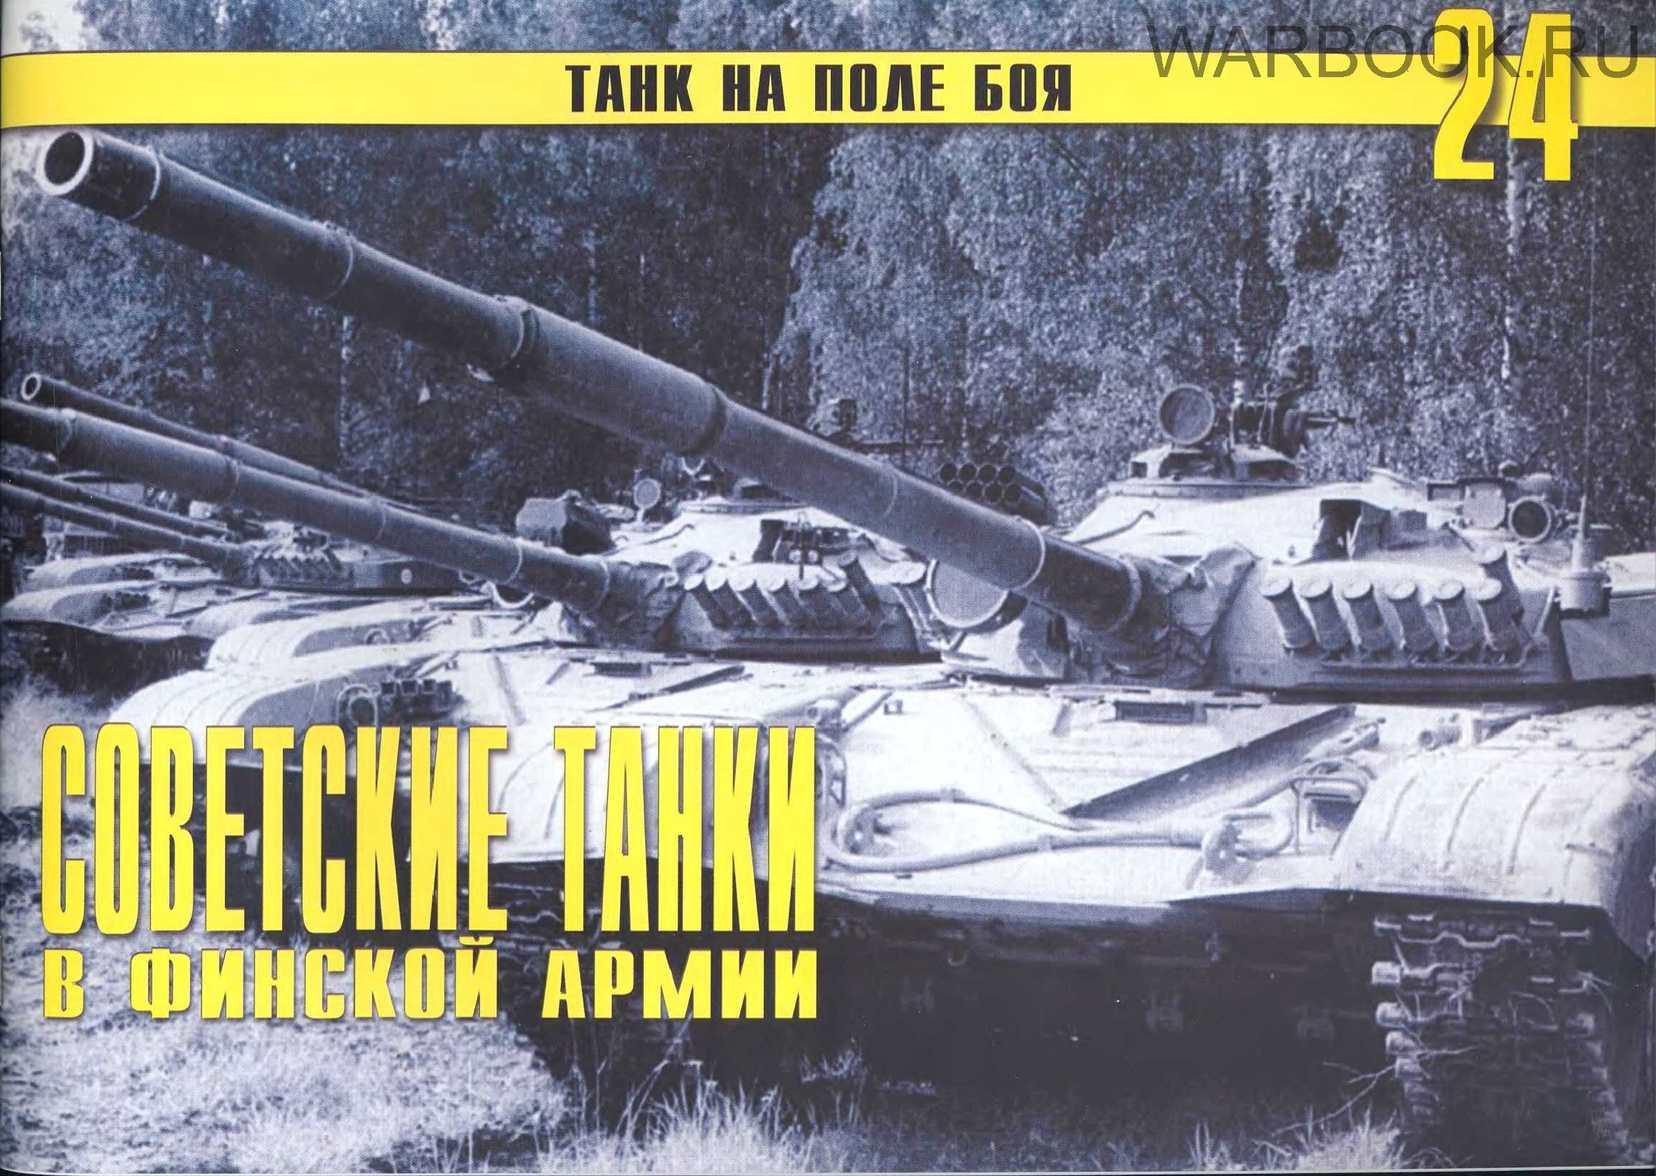 Танк на поле боя 24 - Советские танки в финской армии ч3